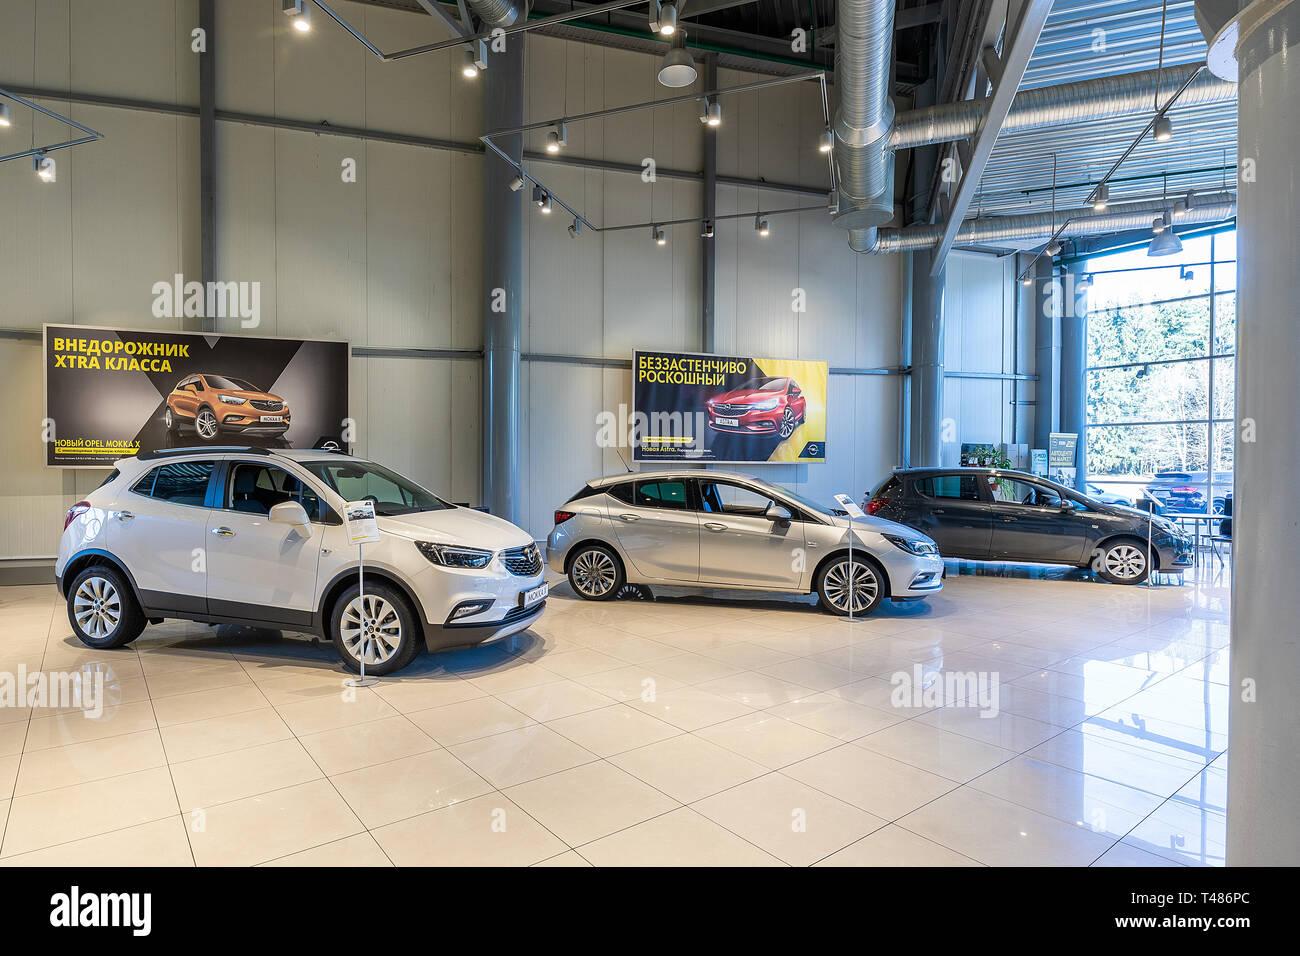 Minsk, Belarus - March 23, 2018: car showroom Opel - Stock Image